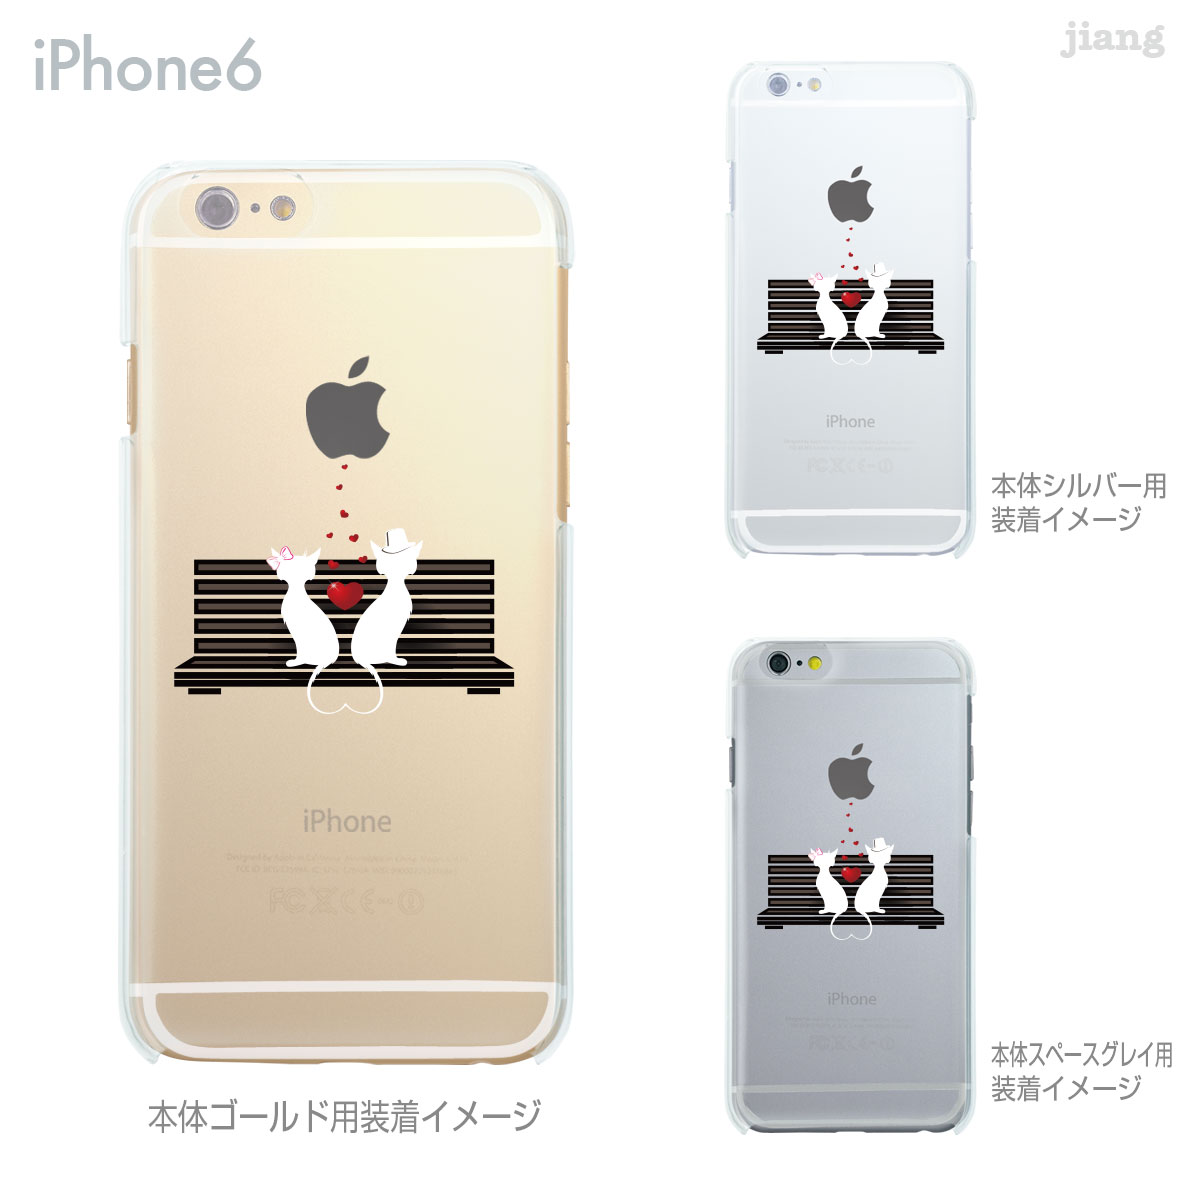 iphone8ケース iPhone8 ケース iphone7ケース iphone7 plus ケース iphone7s ケースiphone7 plus iPhone6s iPhone6 Plus iphone SE ケース スマホケース ハードケース カバー クリアケース かわいい 猫カップル 01-ip6-ca0139